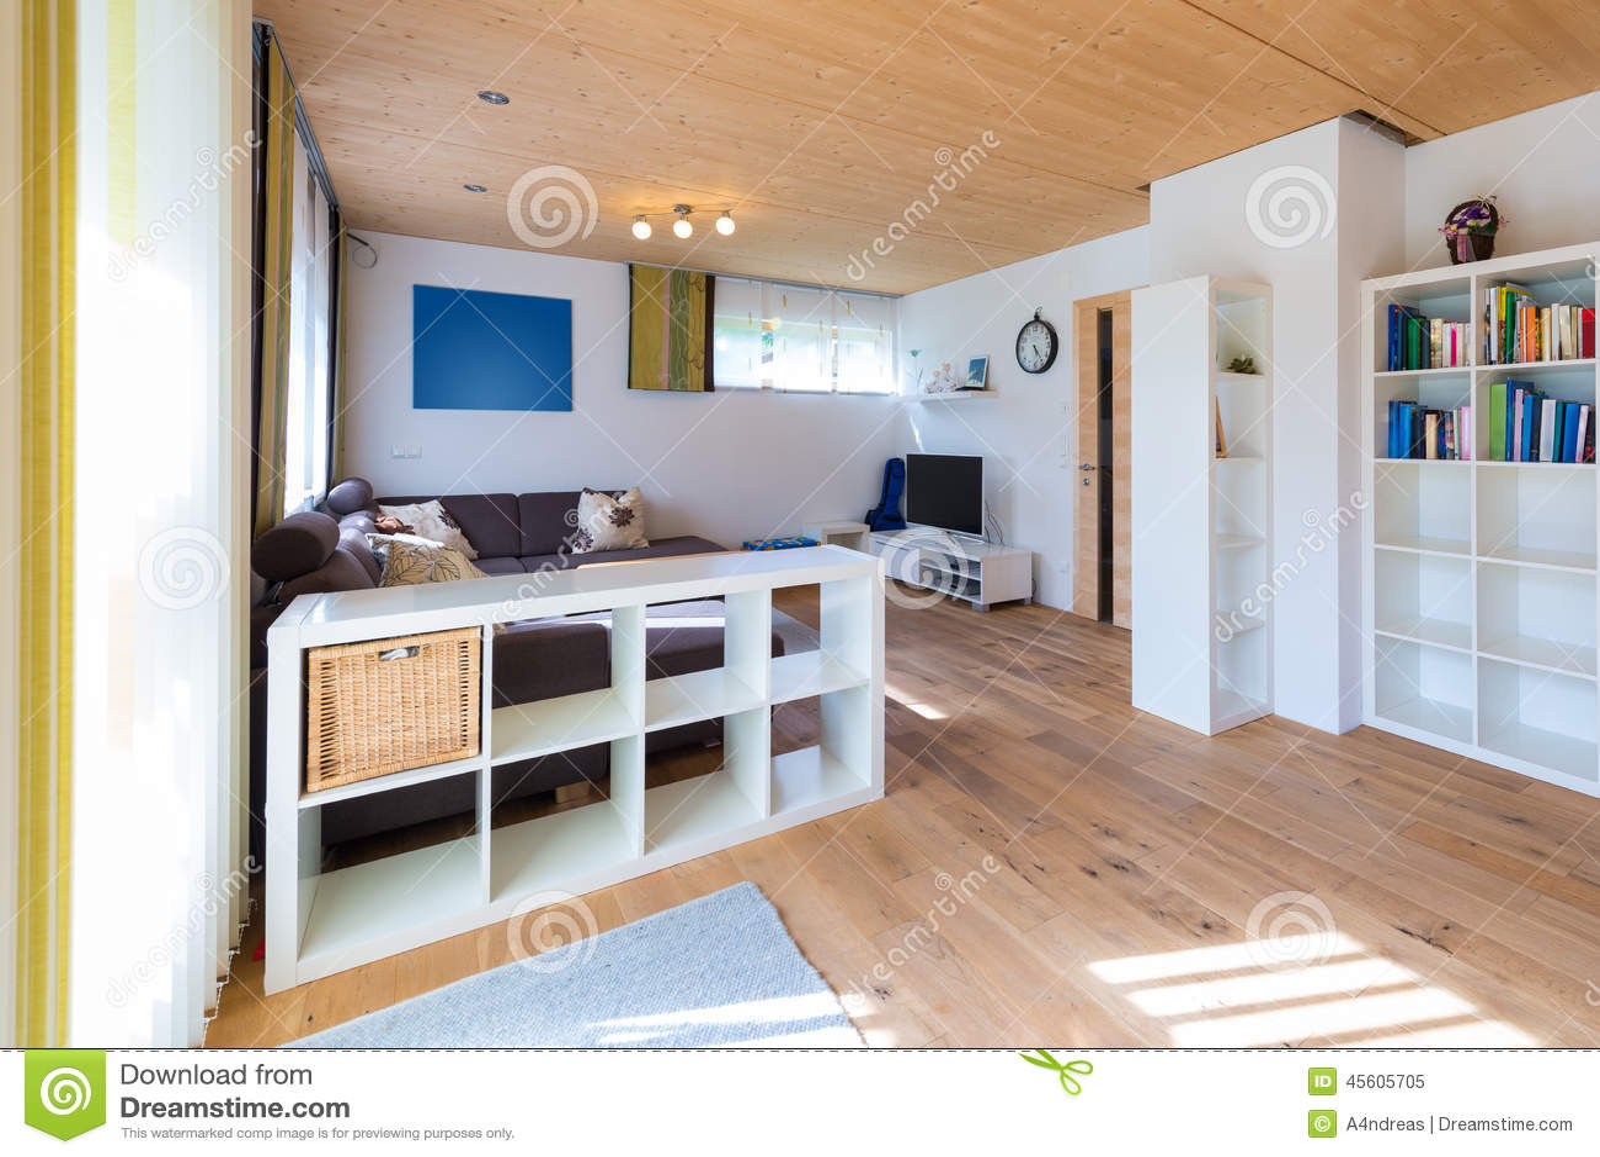 tir d 39 int rieur de salon avec le plancher en bois photo stock image 45605705. Black Bedroom Furniture Sets. Home Design Ideas